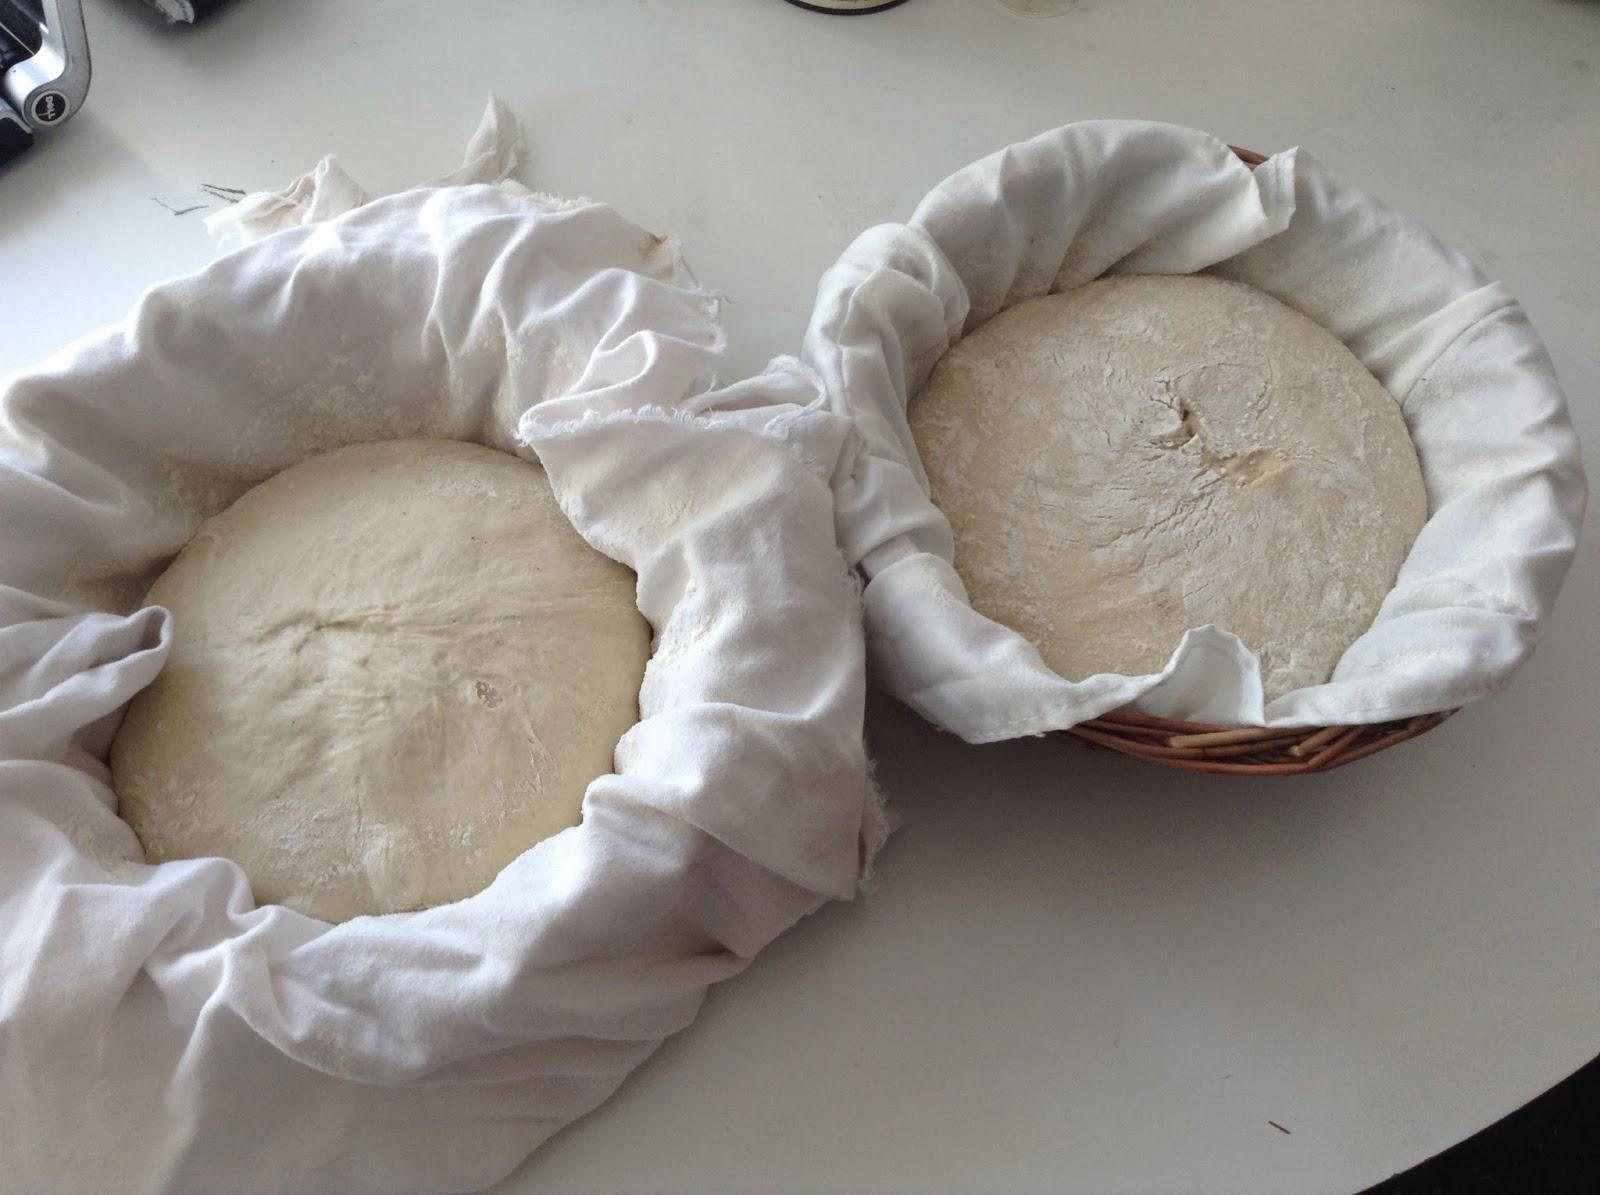 nouvelle recette pain levain levure